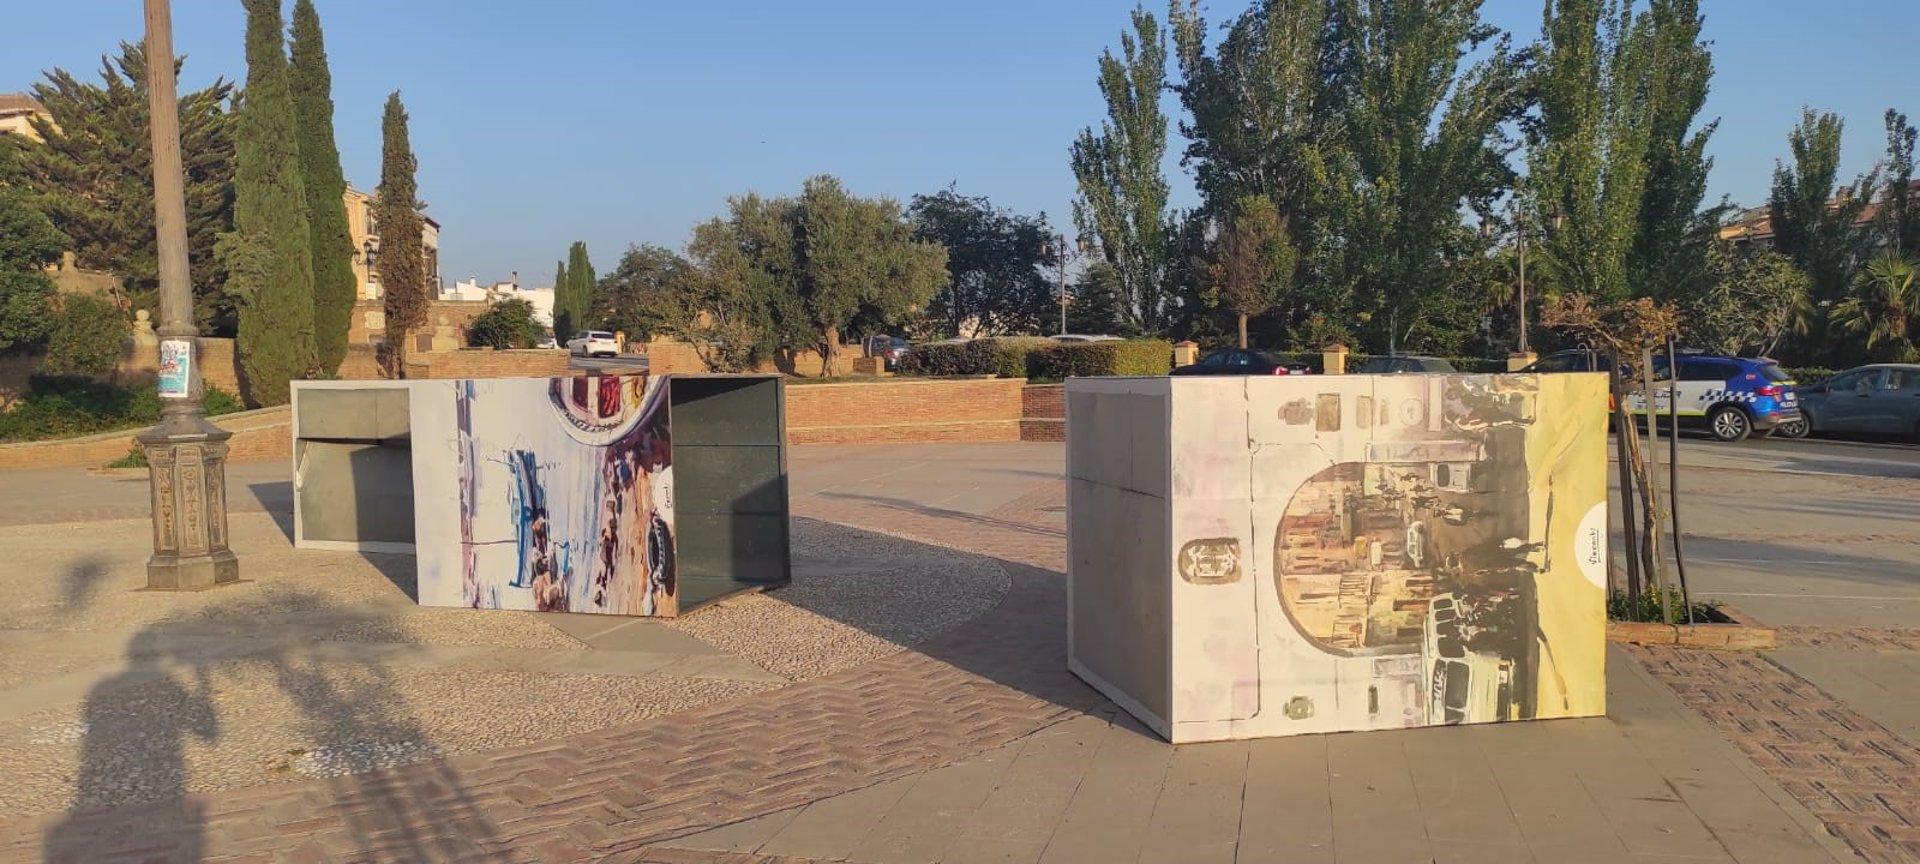 Investigan hechos vandálicos contra la exposición que homenajea a Julio Visconti en Guadix